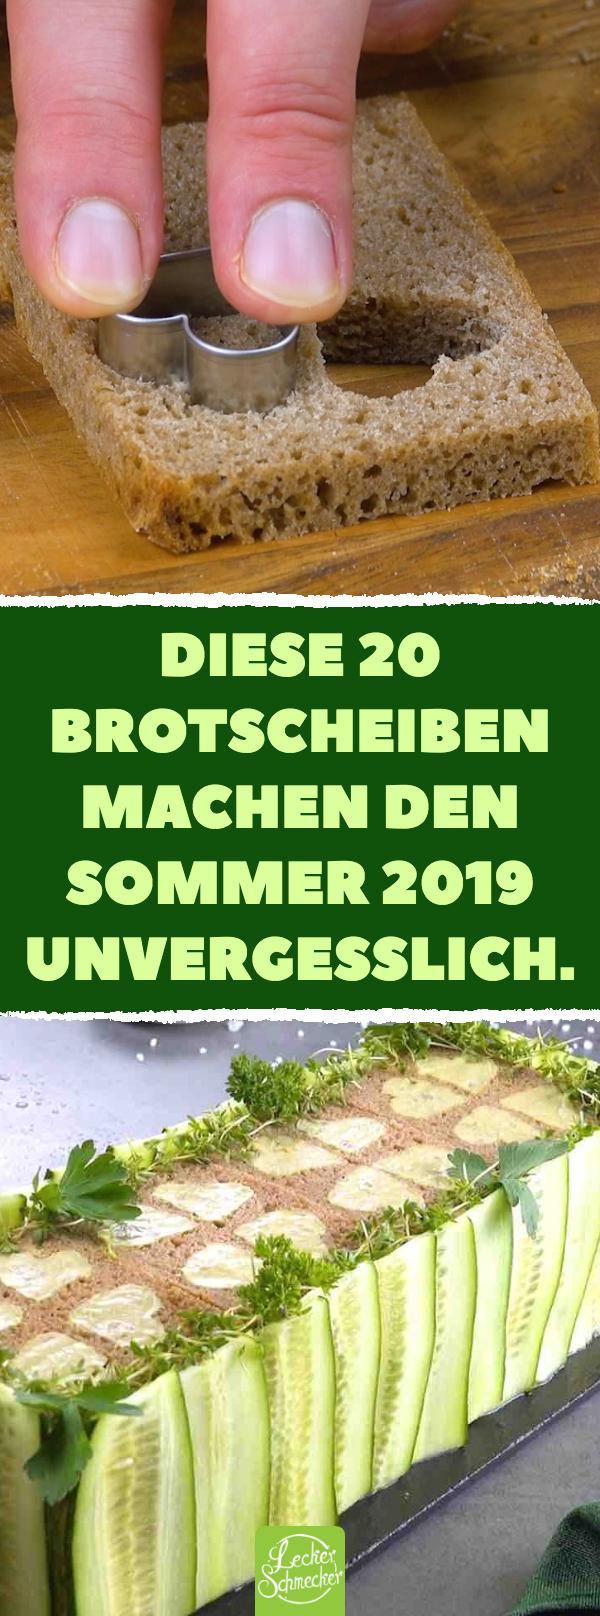 Sommerlicher Kuchen mit Brot, Guacamole, Frischkäse, Hähnchenbrust & Gurke.